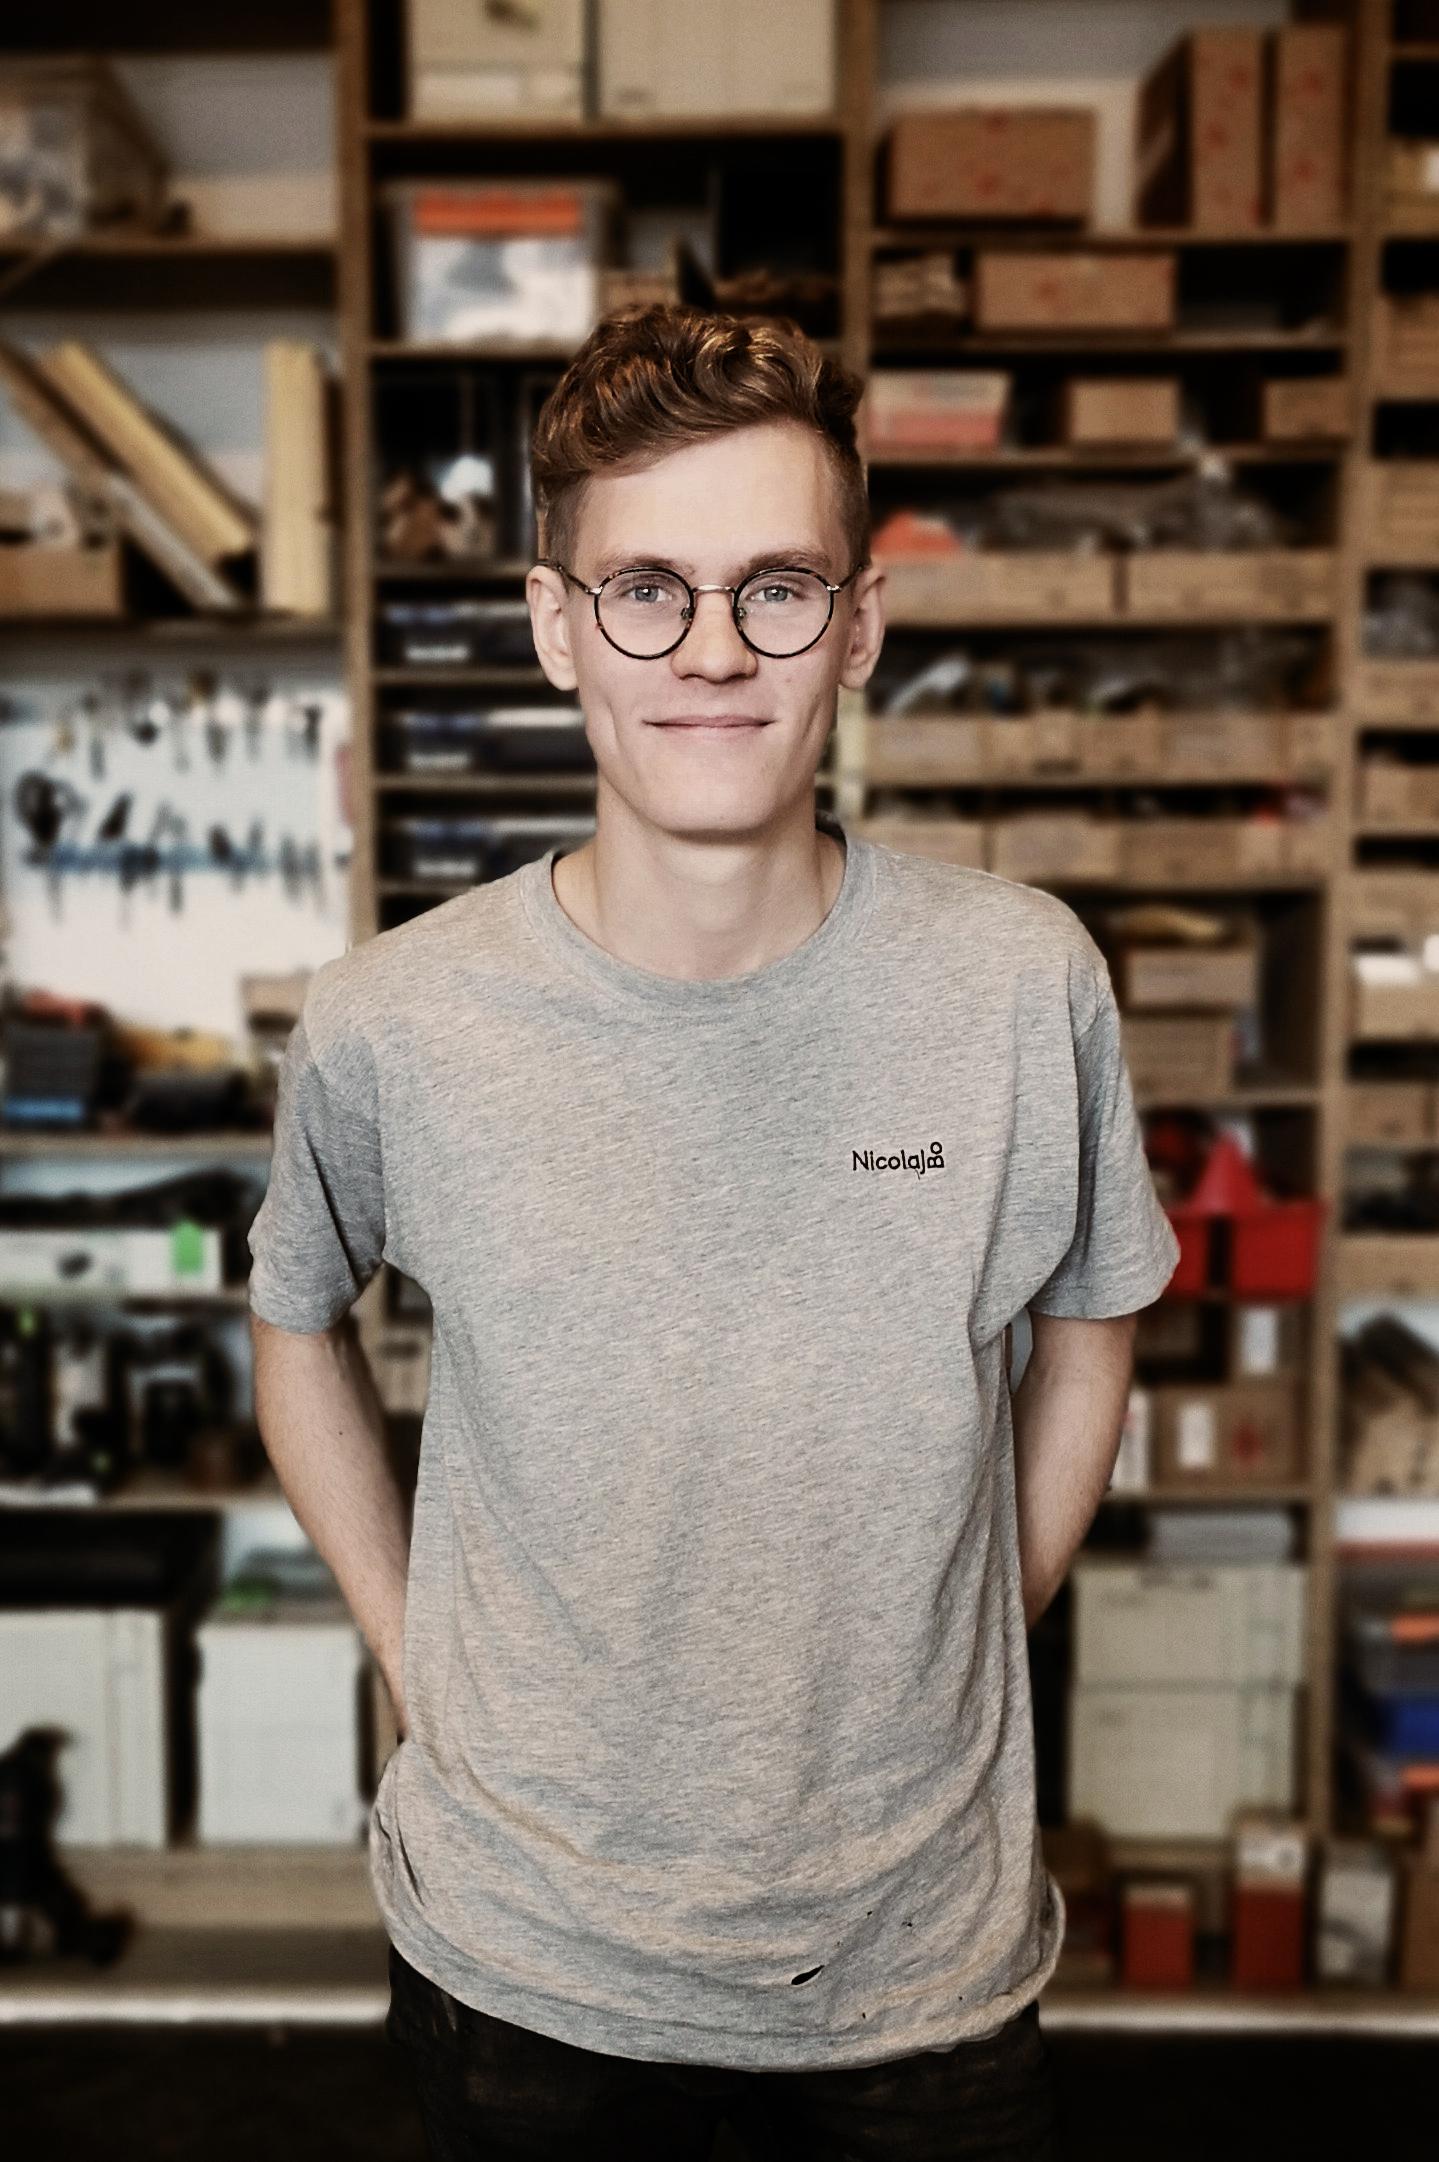 Andreas Nathan - Nicolaj Bo™